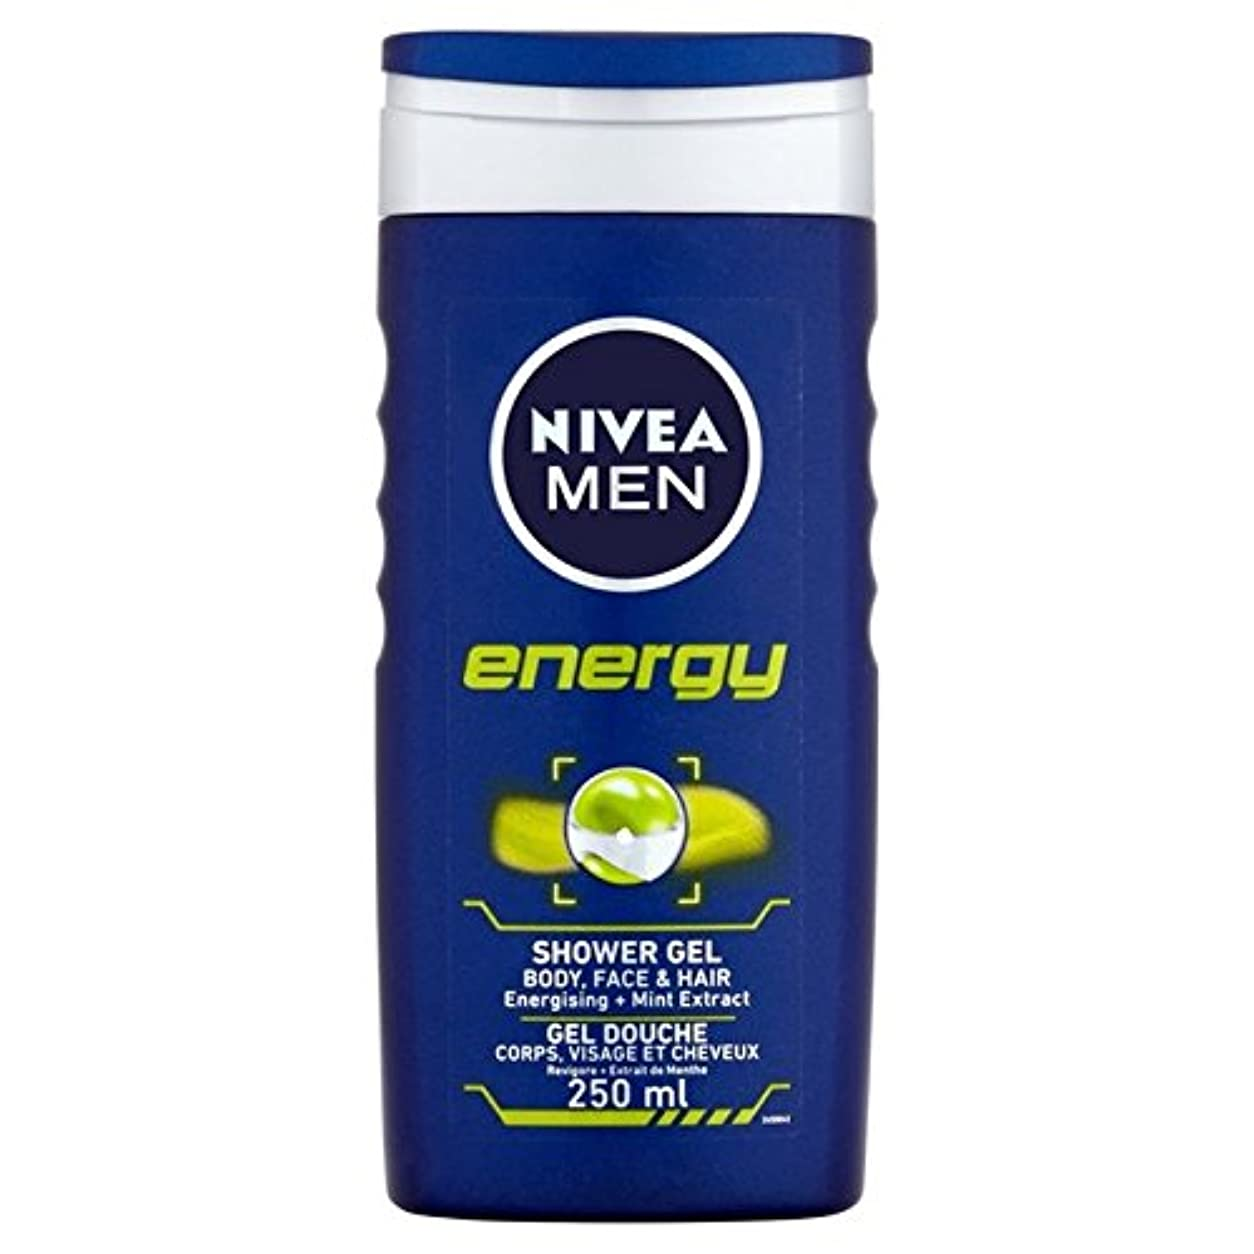 真面目な論理的新しい意味Nivea Men Energy 2 in 1 Shower 250ml - 1つのシャワー250ミリリットル中ニベアの男性のエネルギー2 [並行輸入品]